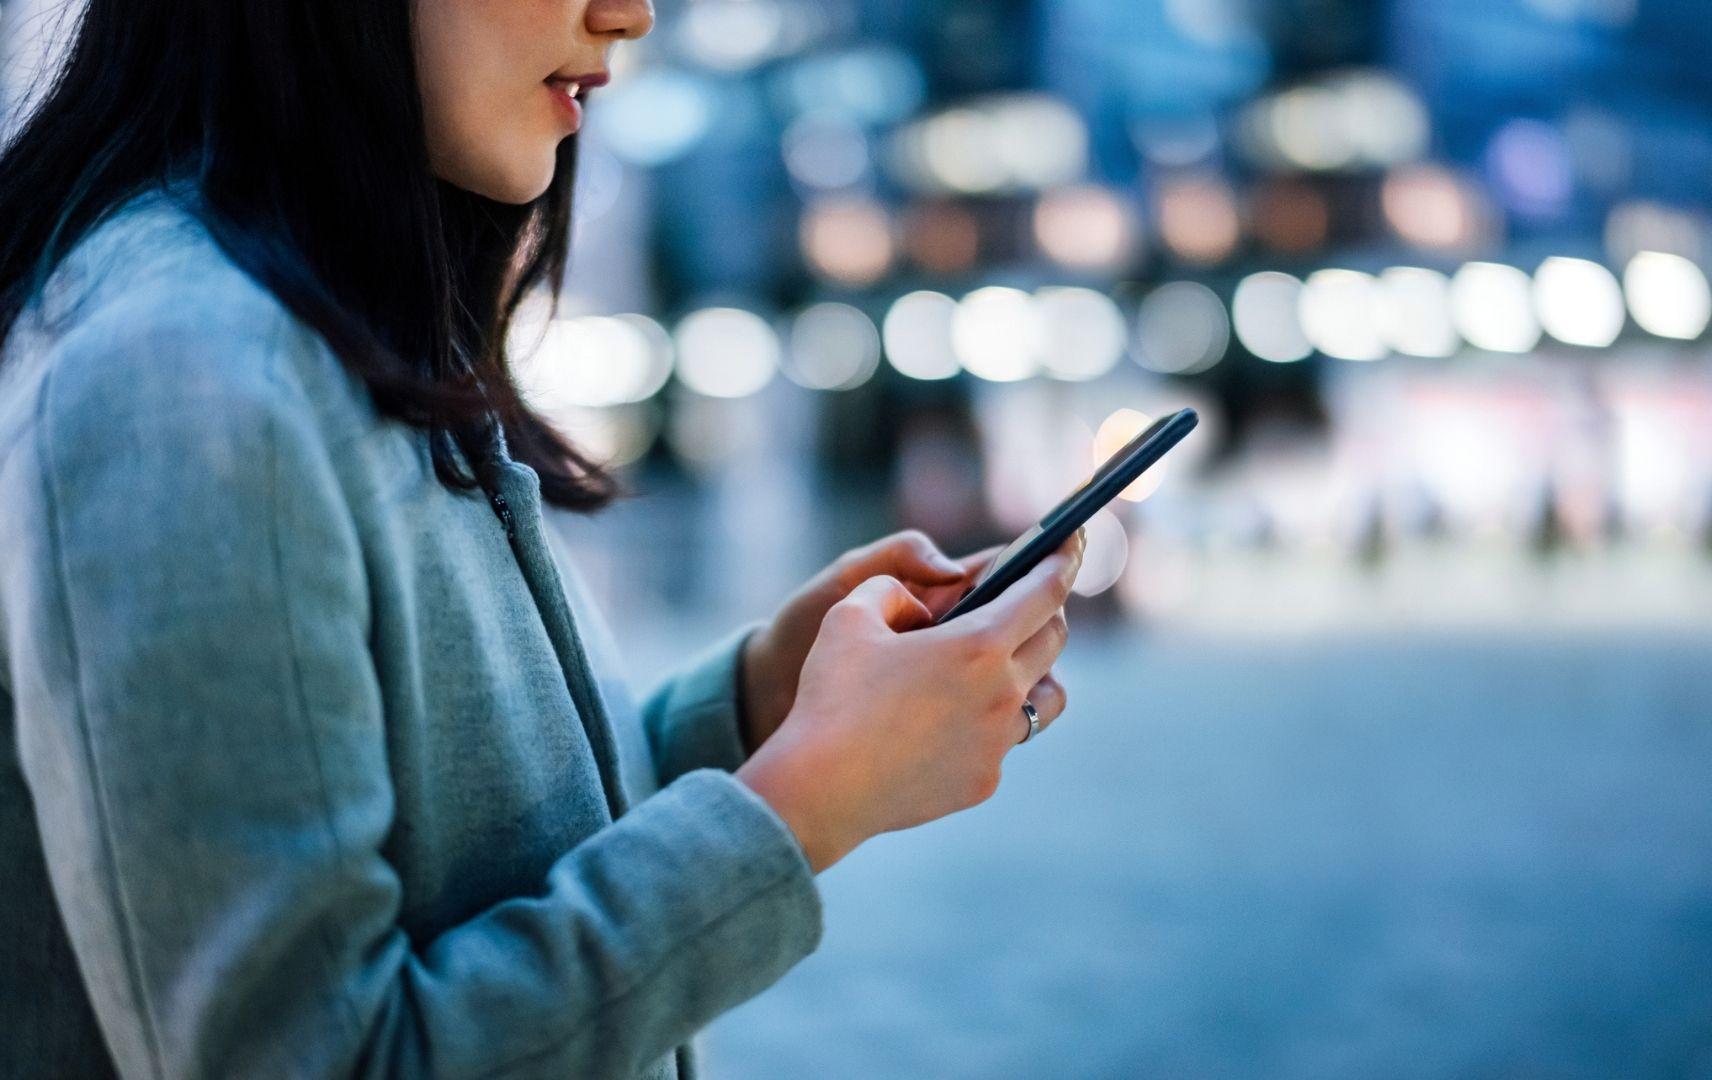 Mit LCC Bridge-IT das beste Angebot buchen - Geschäftsfrau mit Smartphone